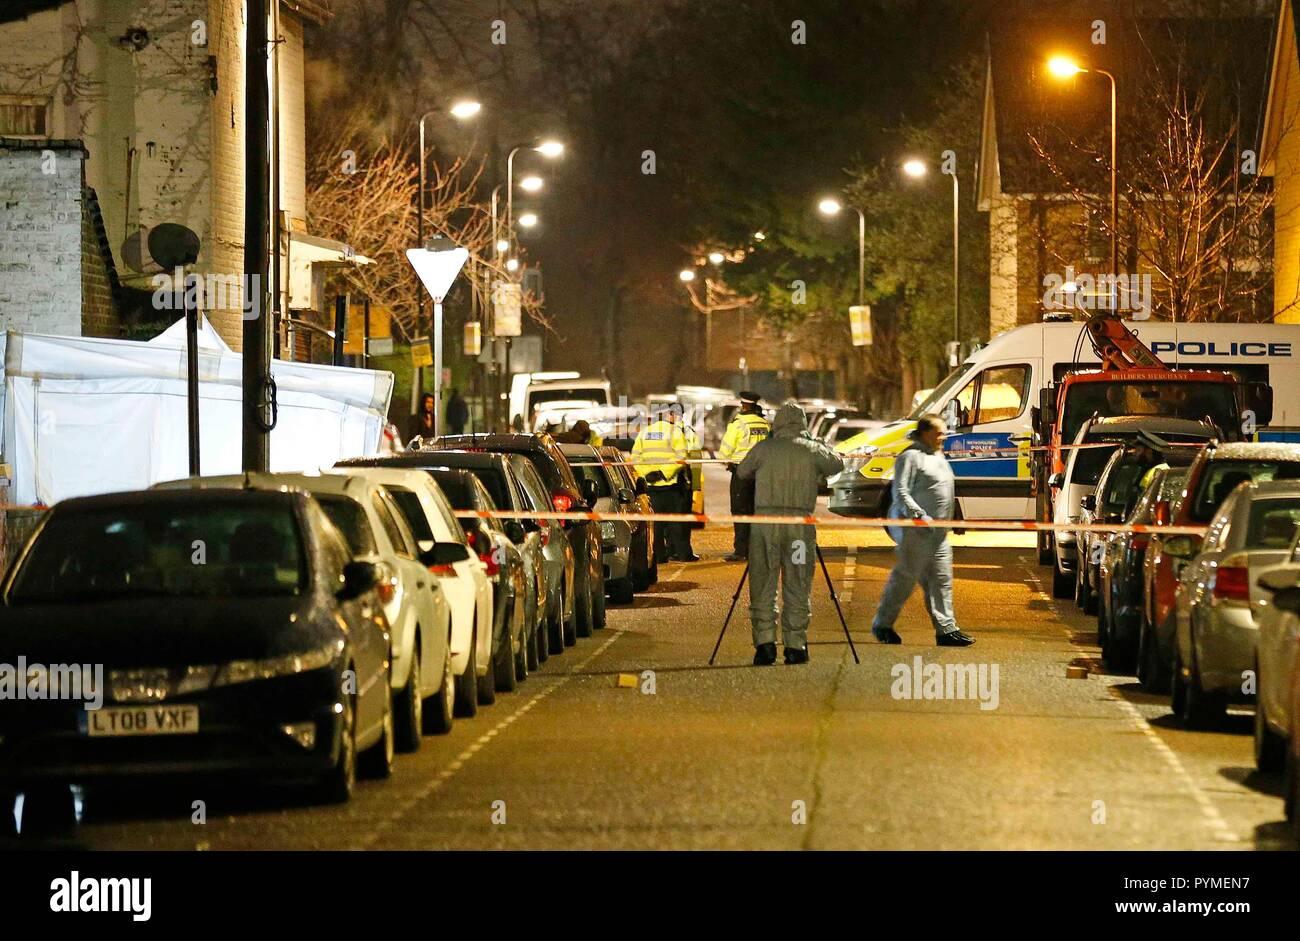 Die mordszene - Forensische Offiziere den Tatort untersuchen. Stockbild